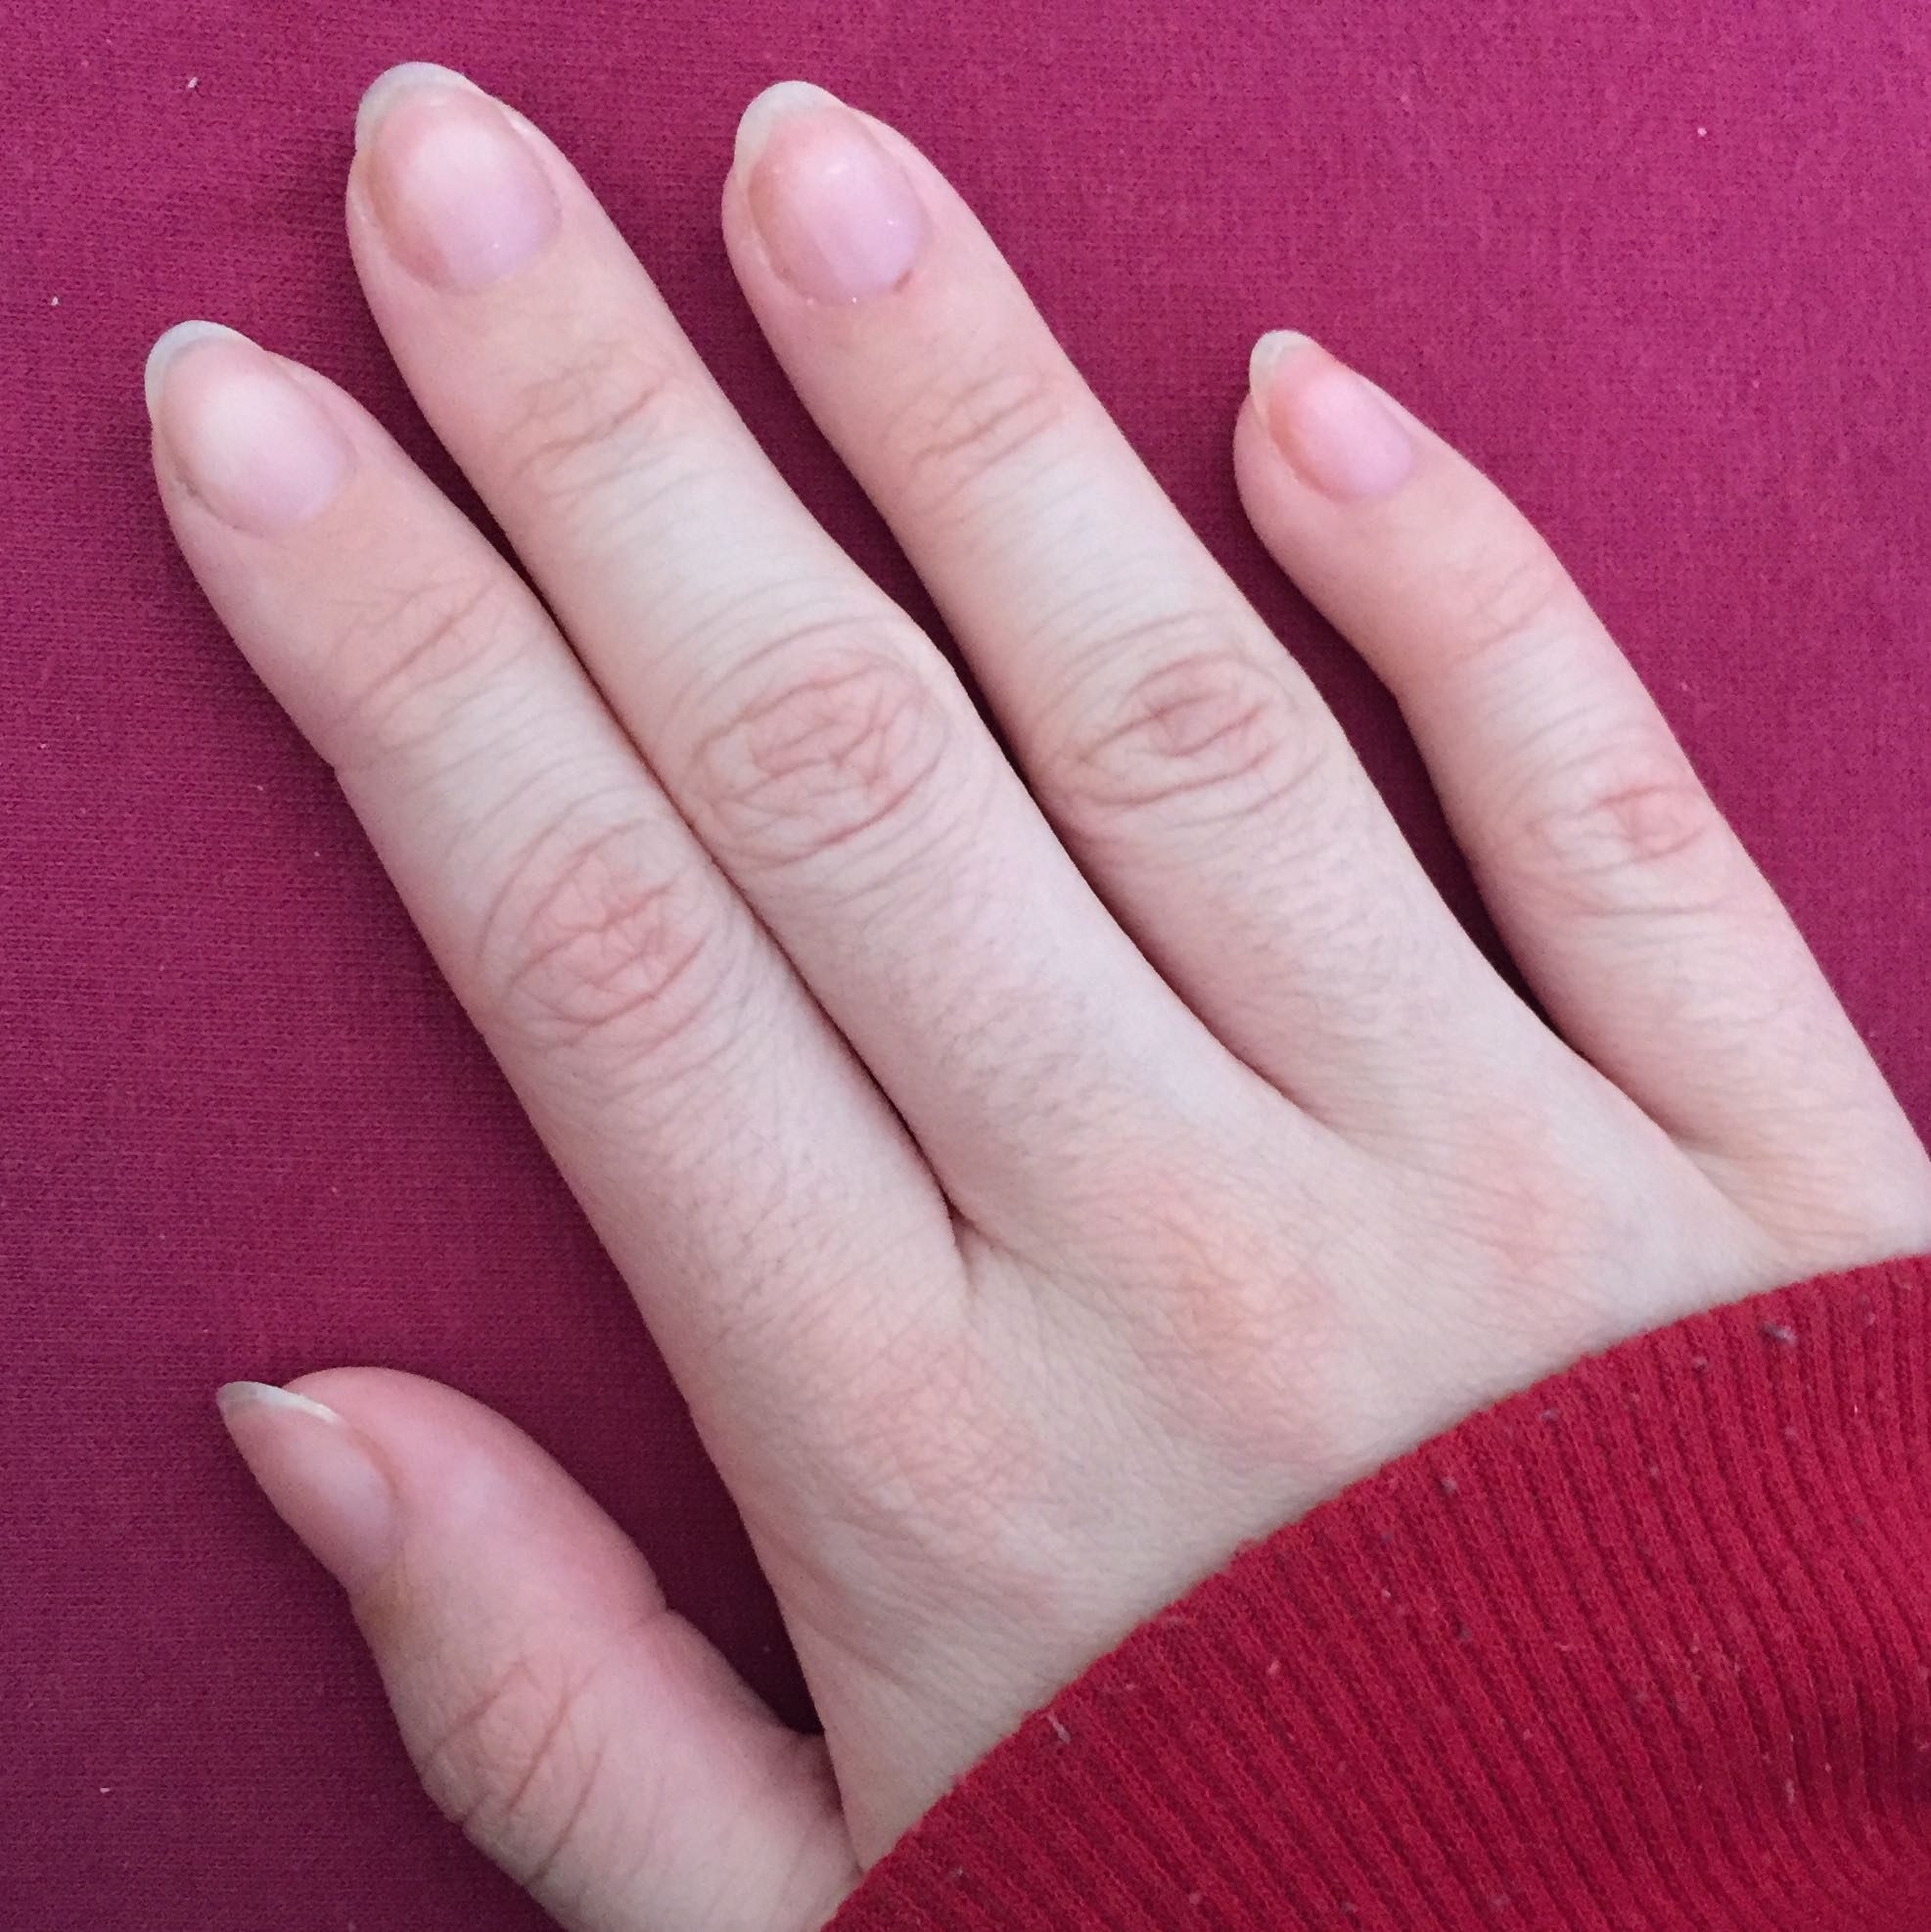 Schöne nagelform? Welchen nagellack? (Frauen, Hand, Nägel)